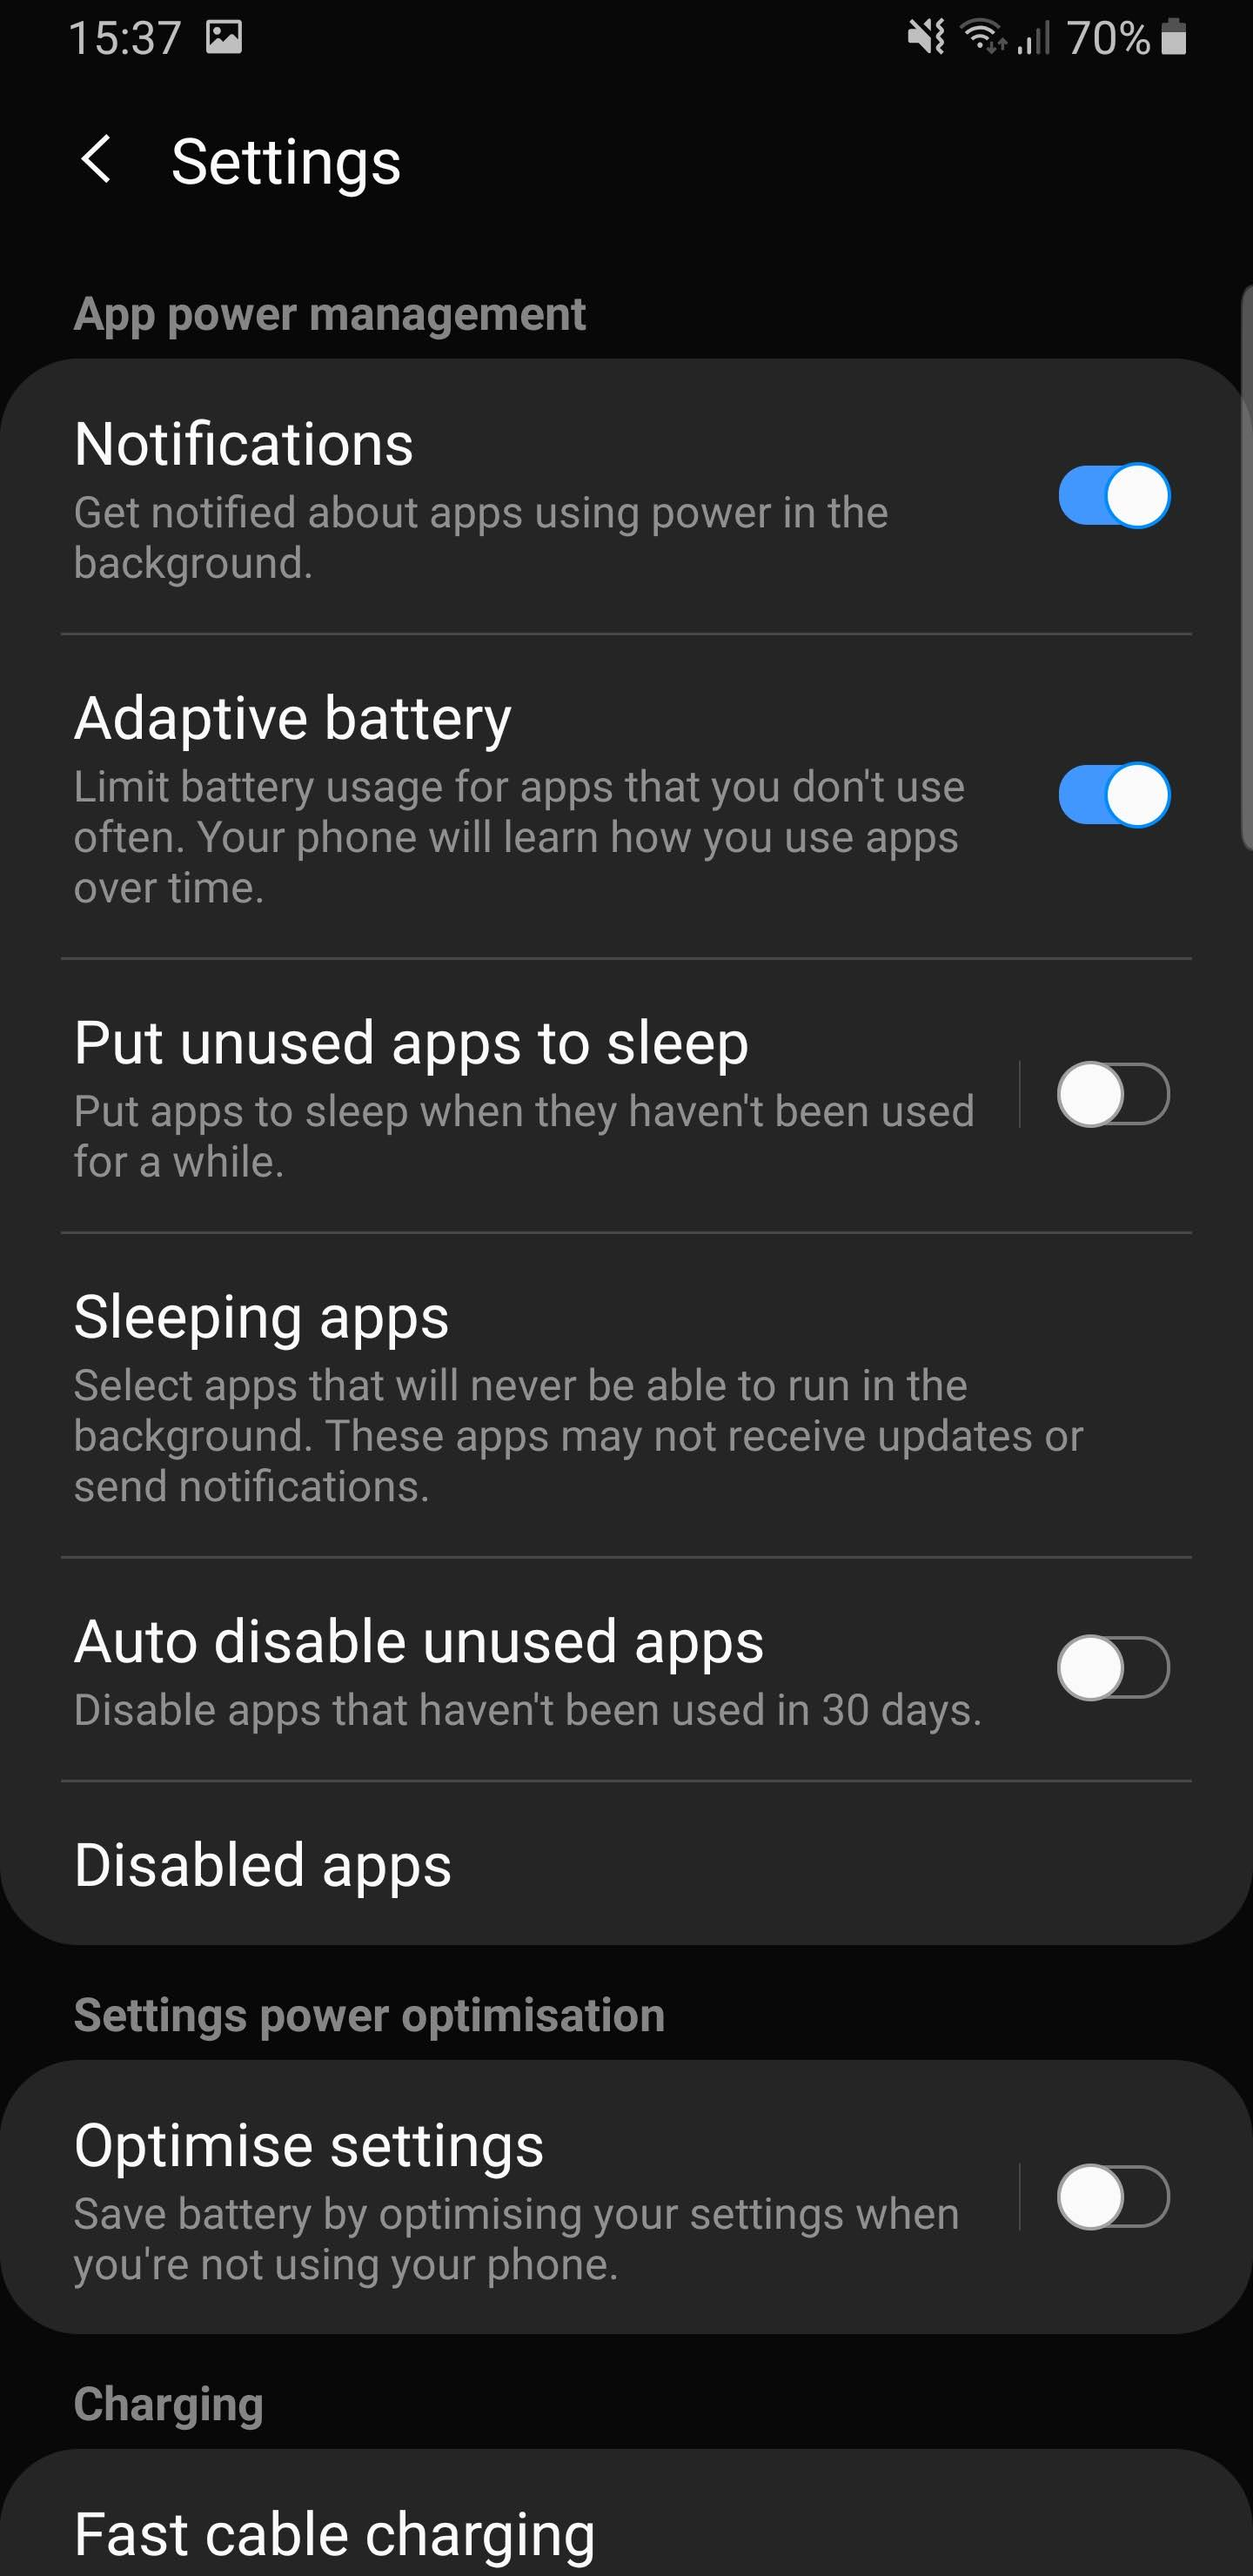 Как закрыть вкладки на Андроиде Самсунг s8